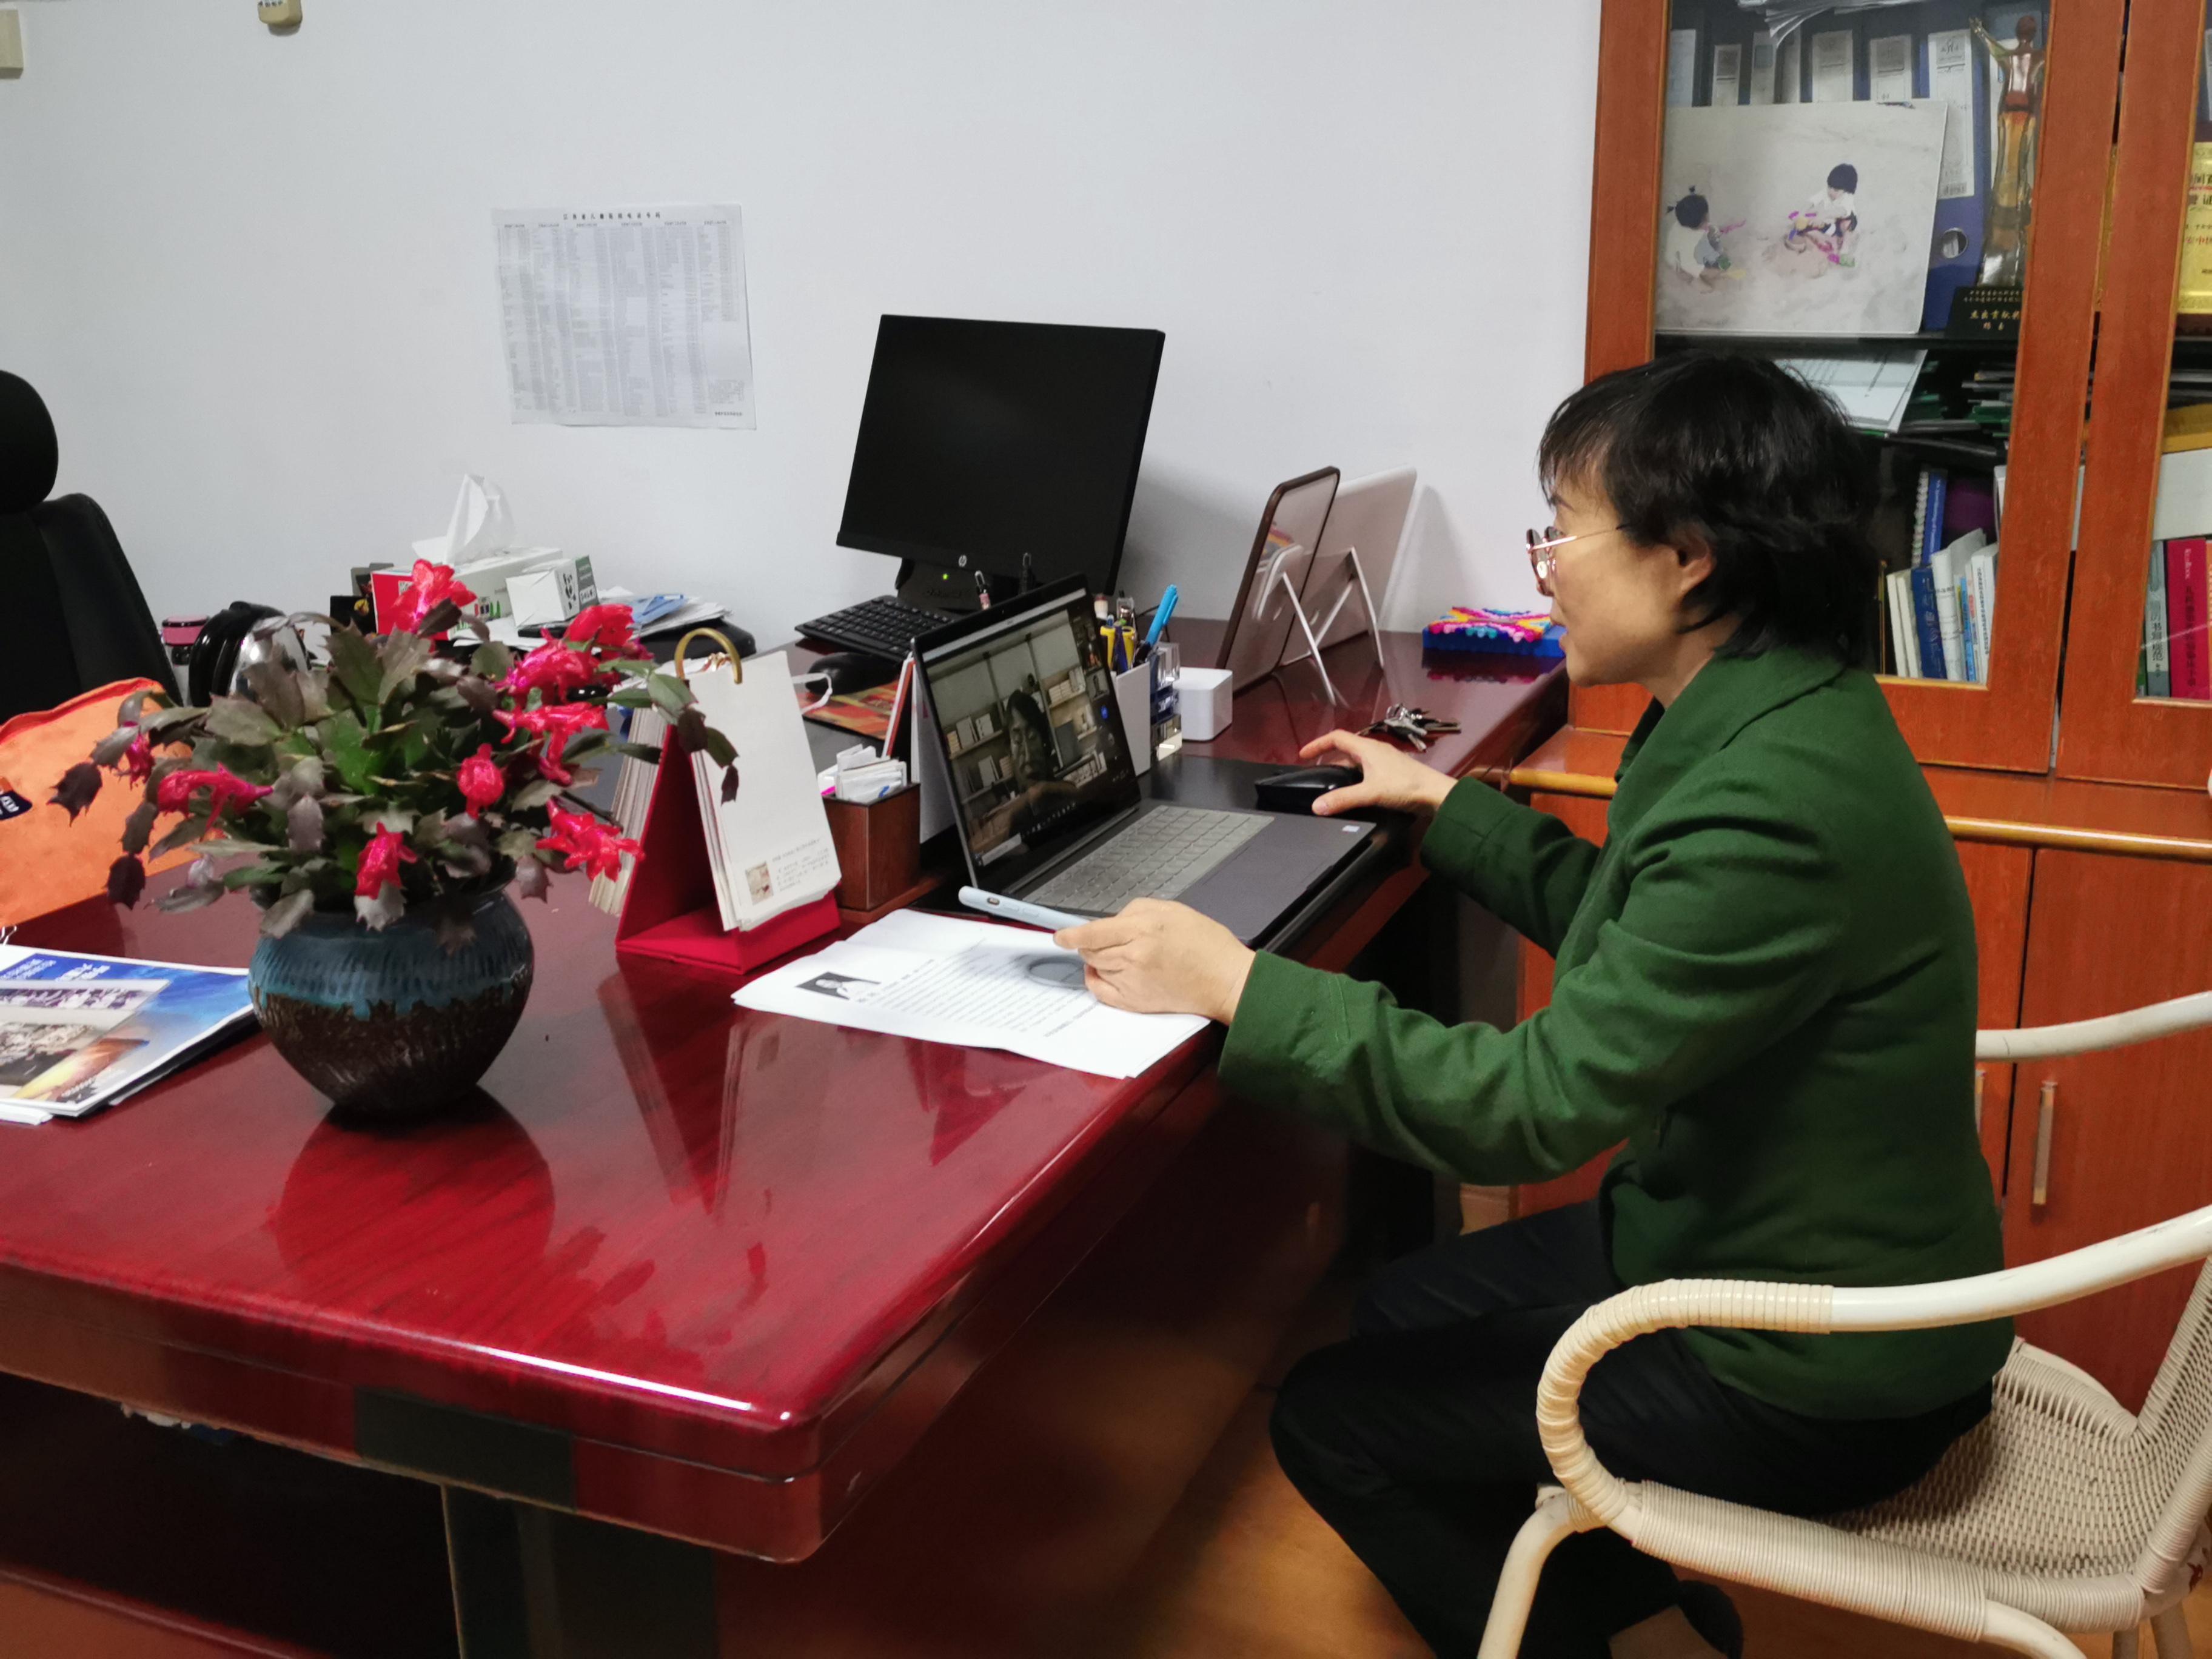 关爱罕见病,让爱不罕见!——江西省儿童医院开展罕见病日学术、义诊活动